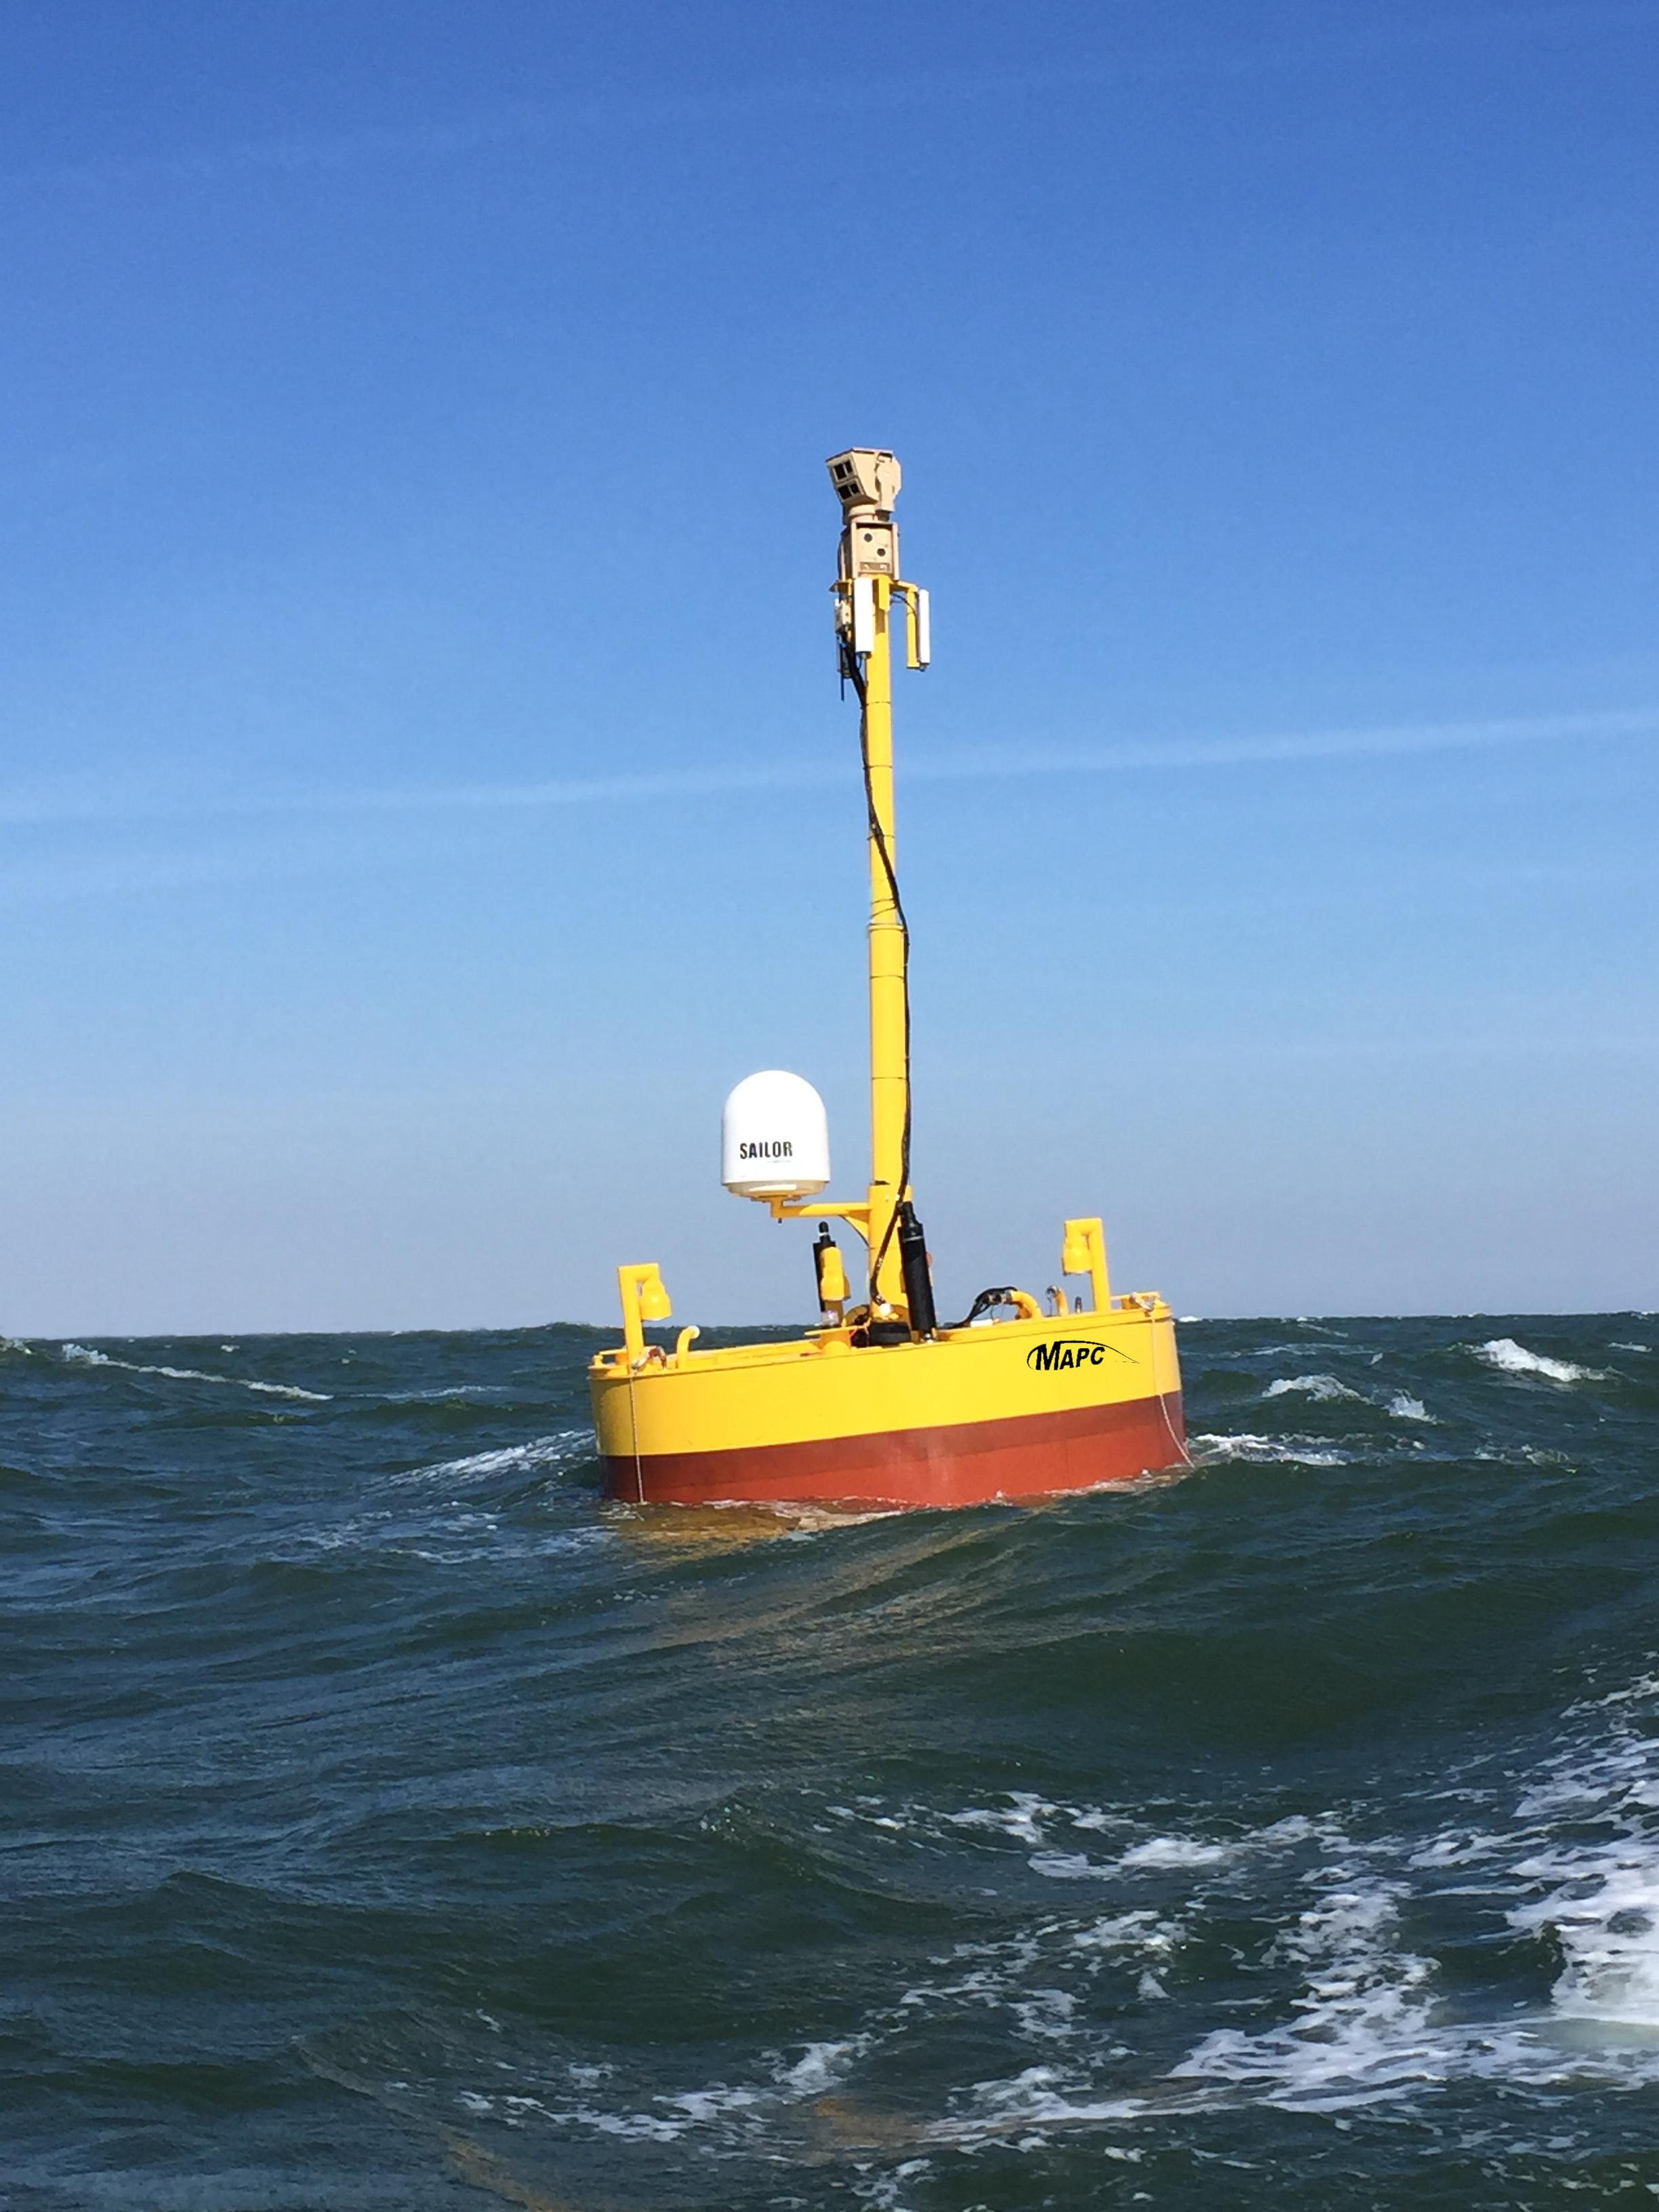 buoy mapc